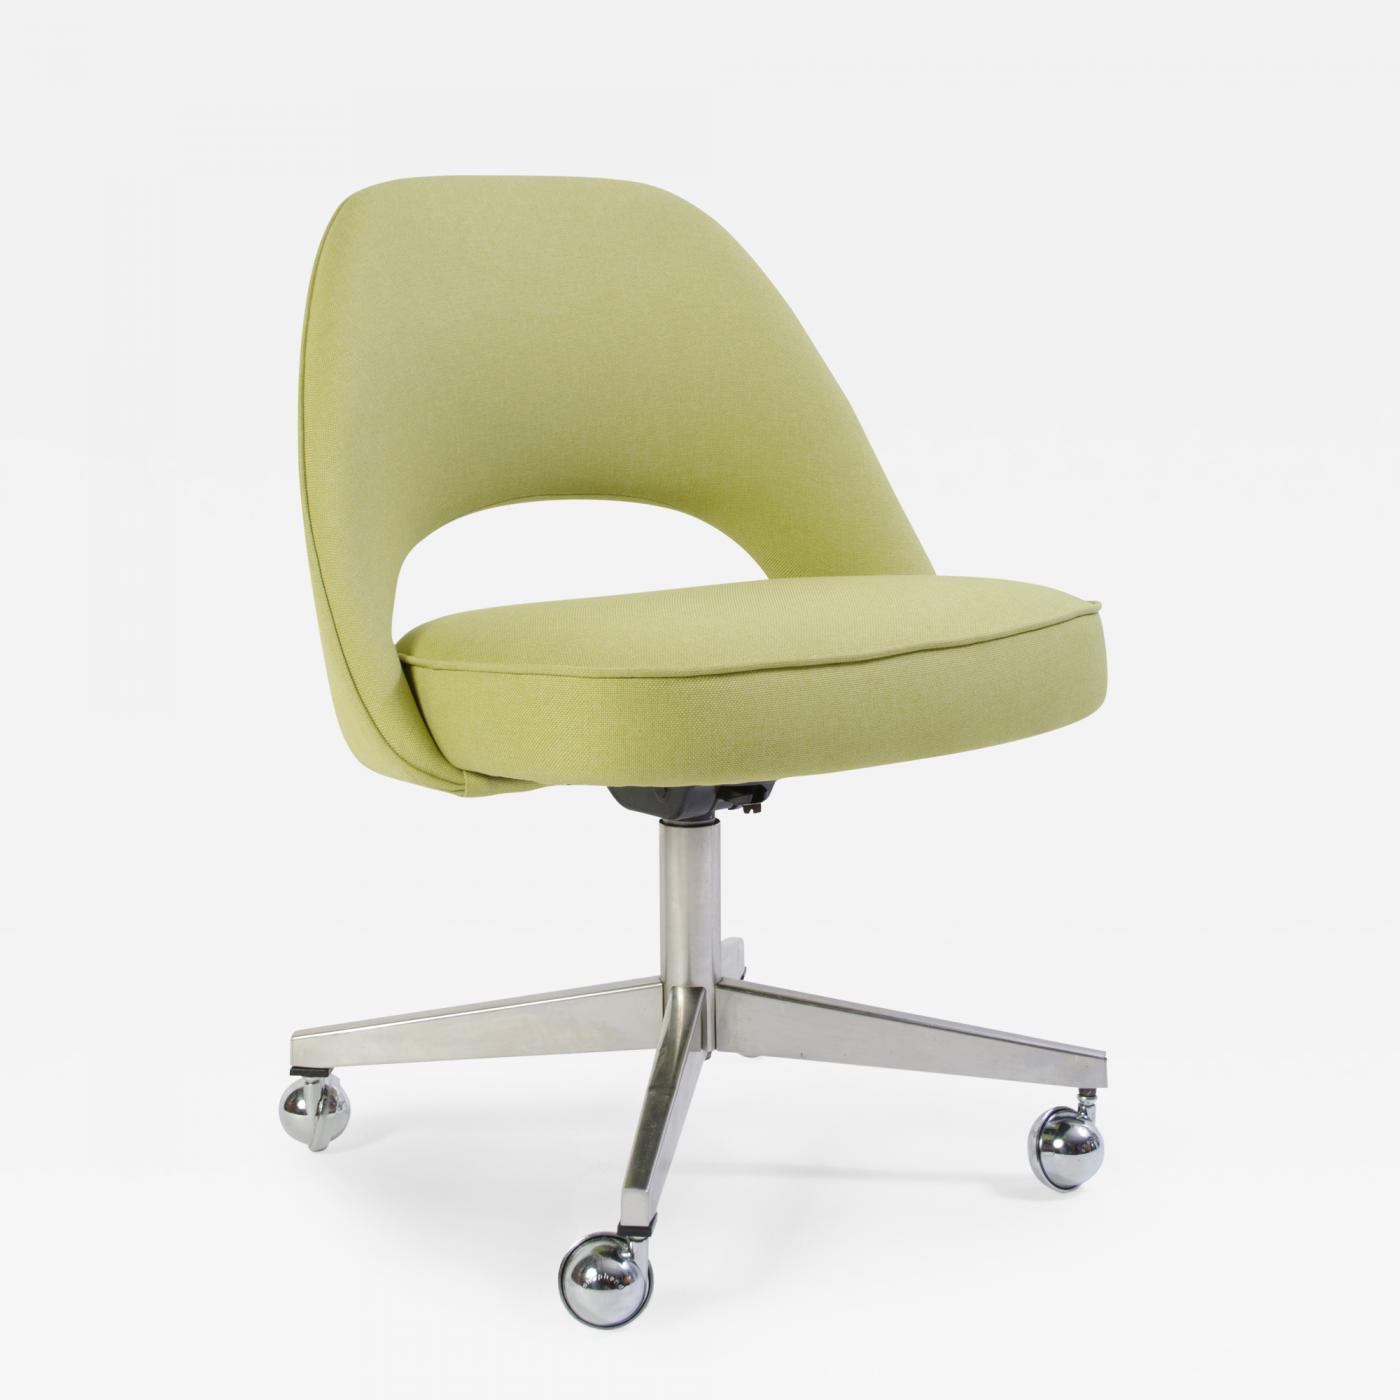 Eero Saarinen Saarinen Executive Armless Chair With